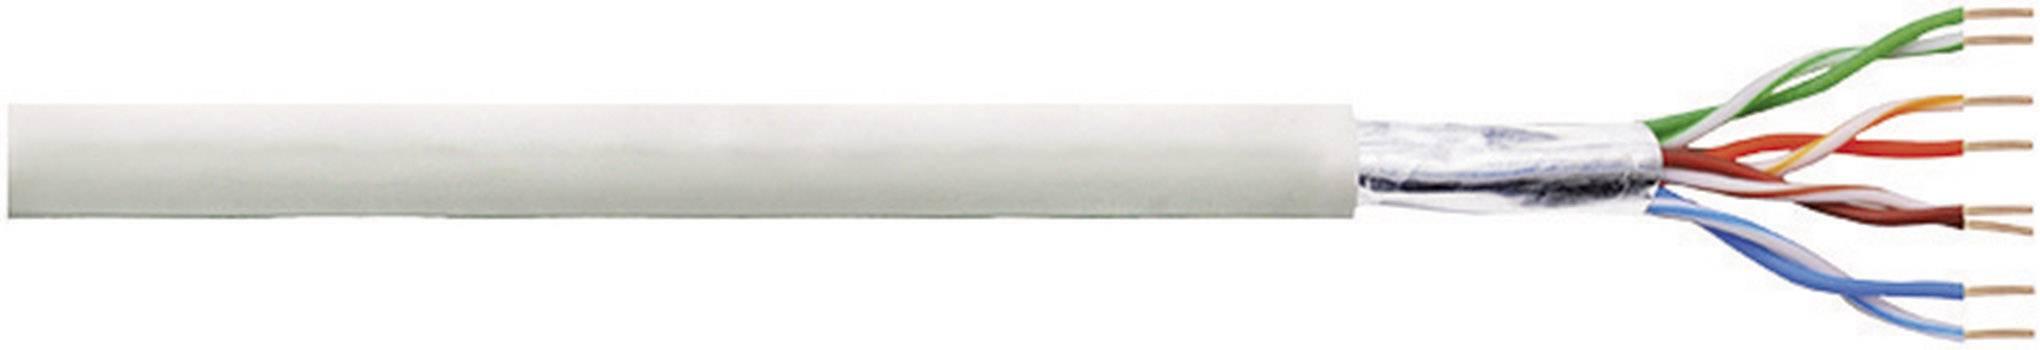 Síťový kabel F/UTP Cat 5e LogiLink CPV0029, stíněný, 50 m, šedá